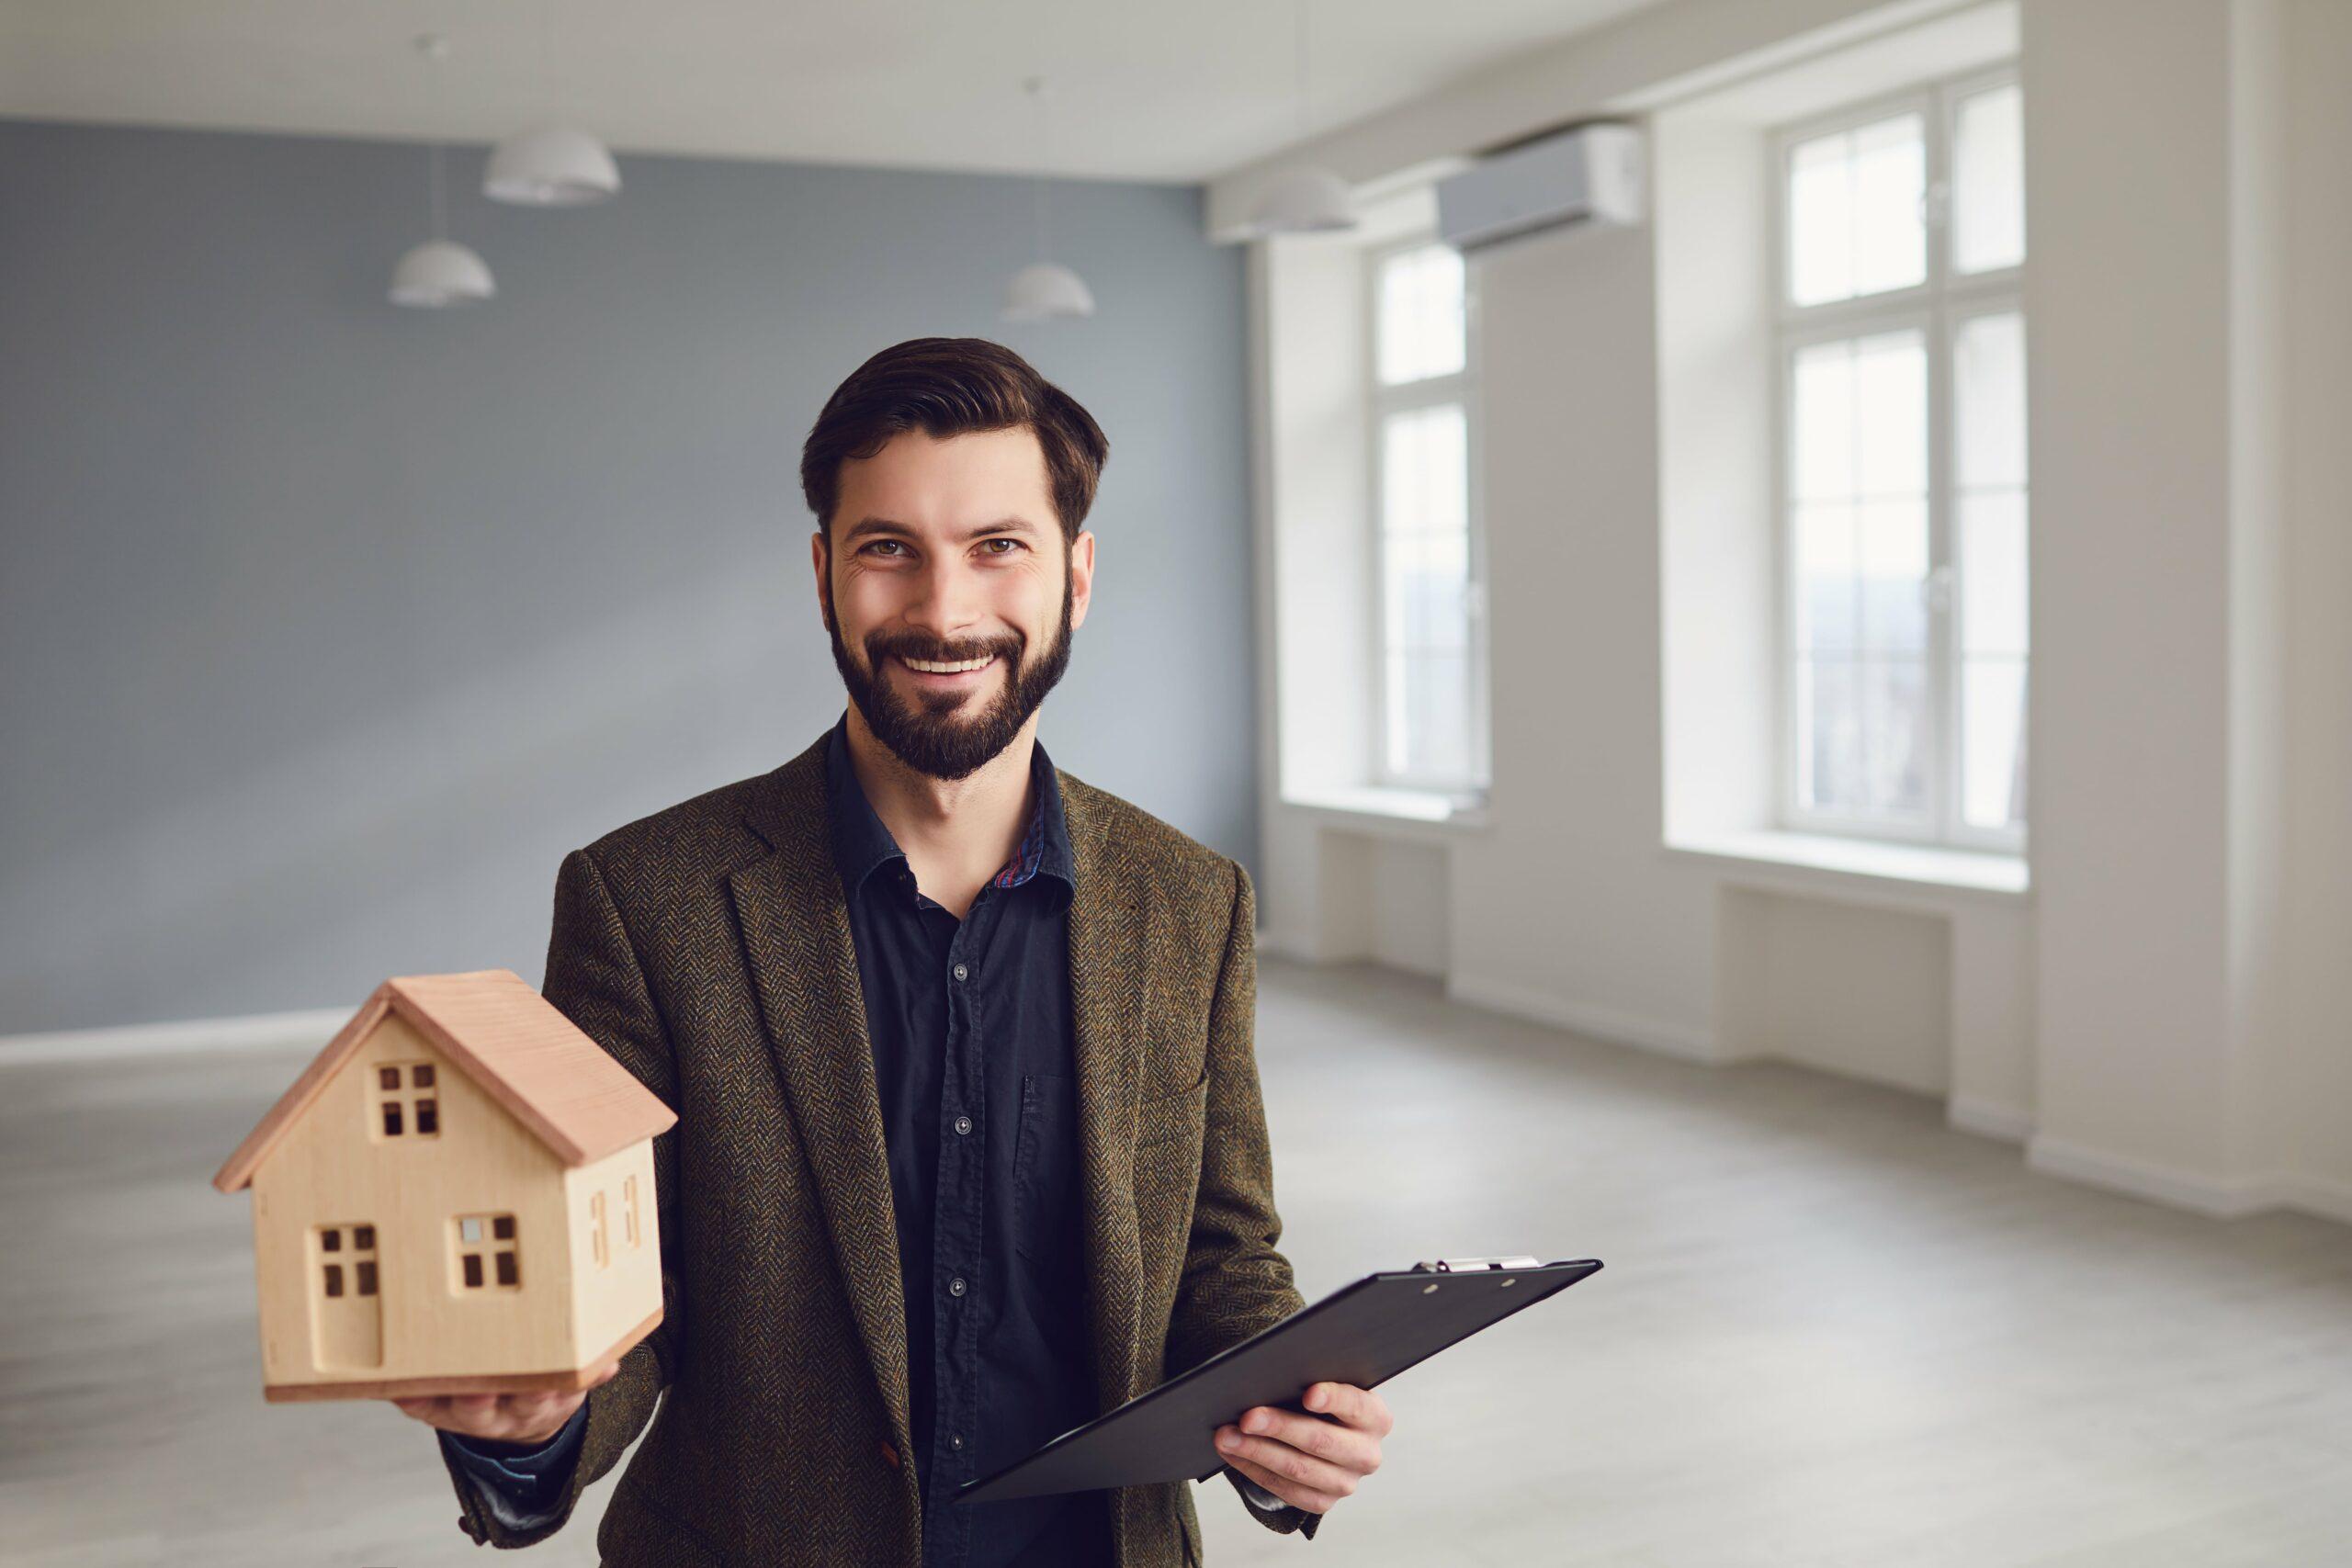 Gewerbeimmobilie gesucht: So findest du das passende Objekt!